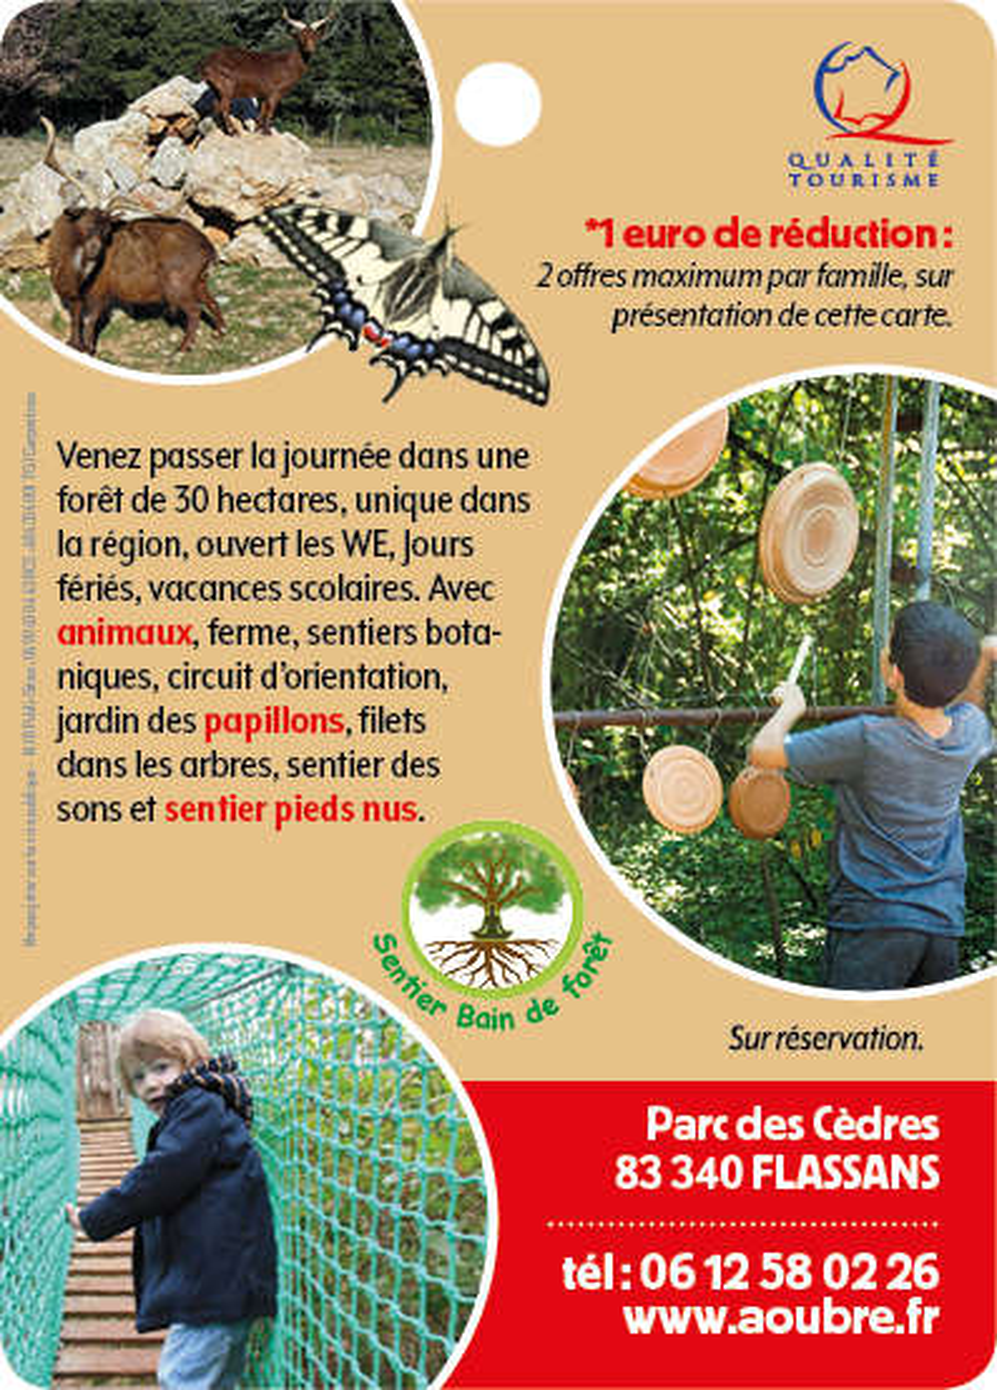 Aoubré - Parc Nature Animaux -